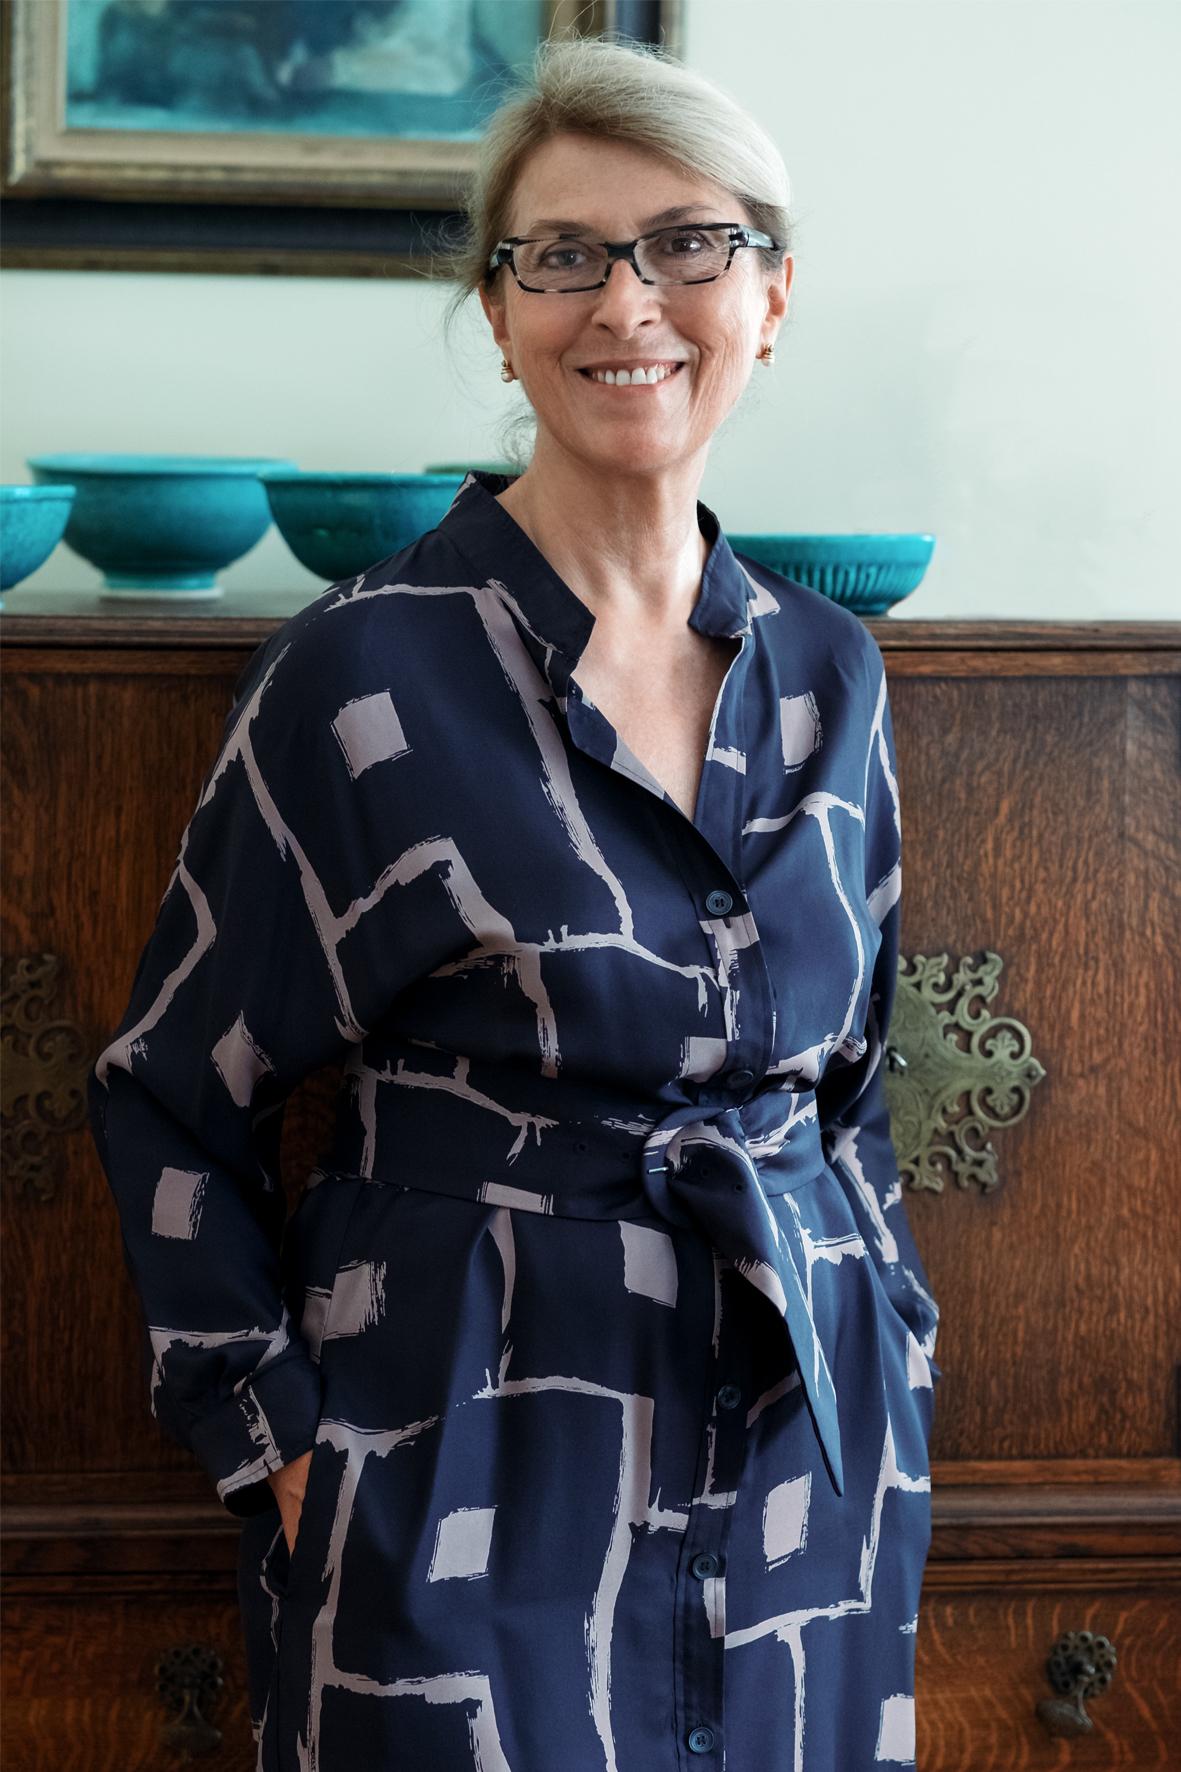 Suay Aksoy, presidenta del Consejo Internacional de Museos (ICOM).